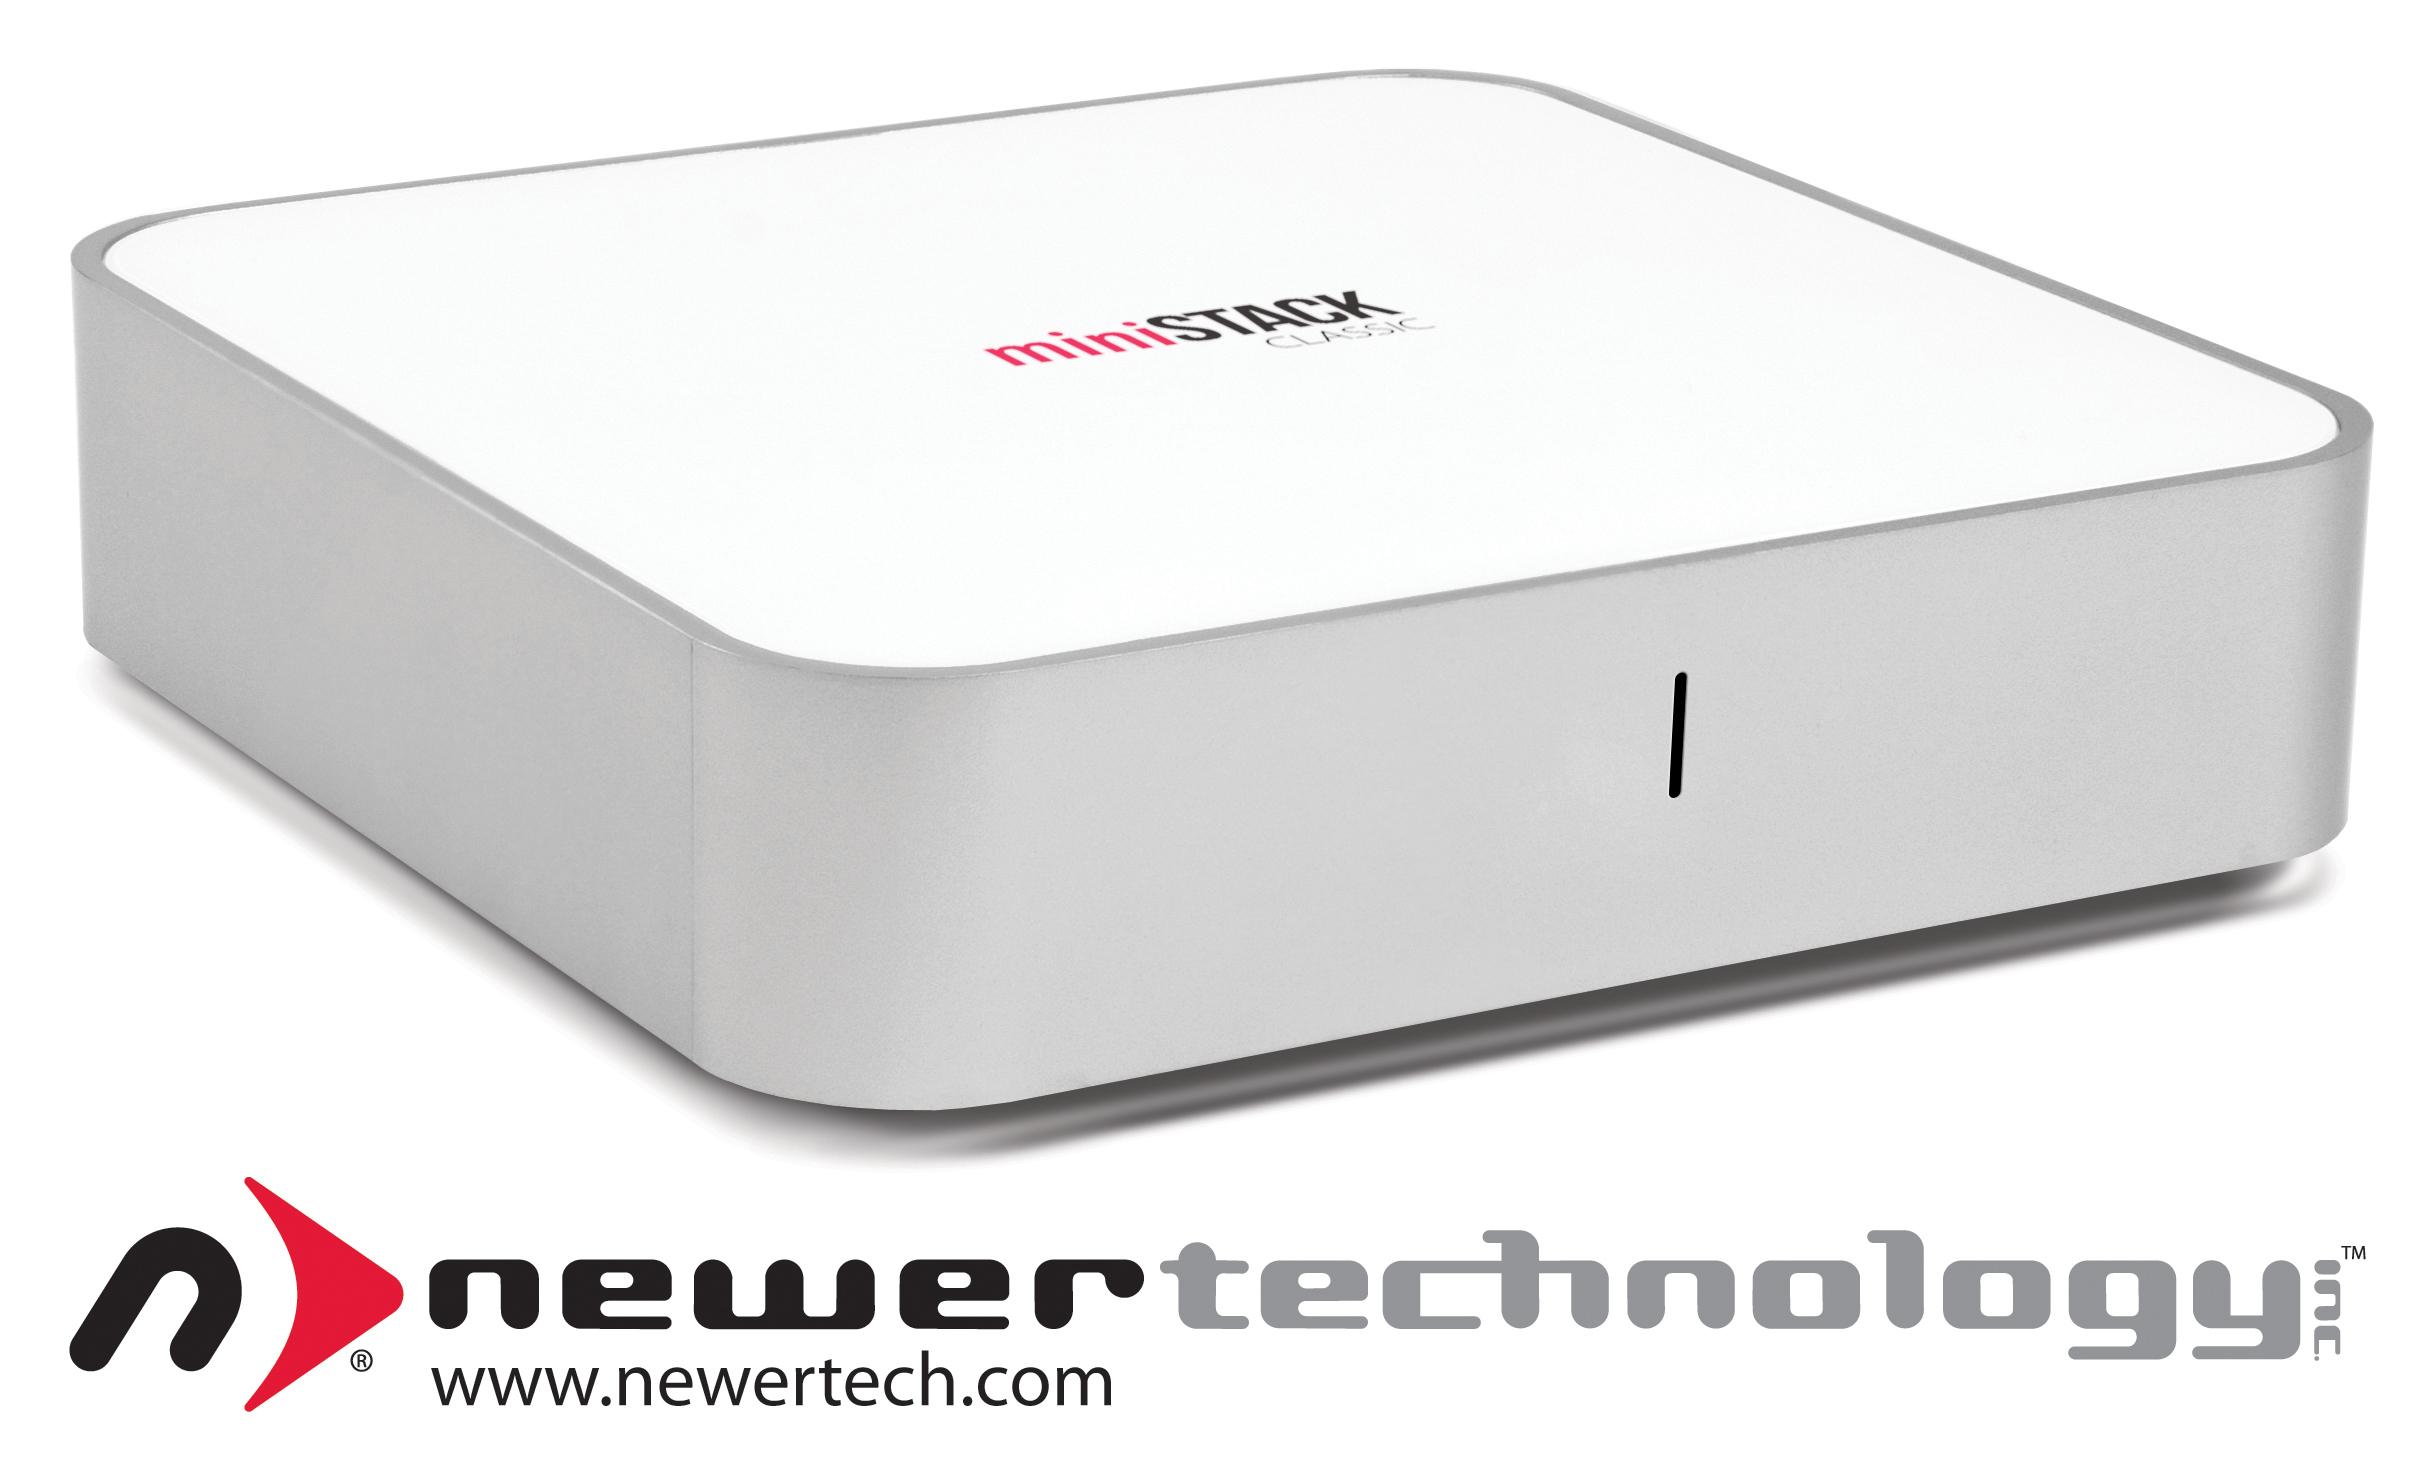 Newer Technology® : News Room : Press Release : Newer Technology ...